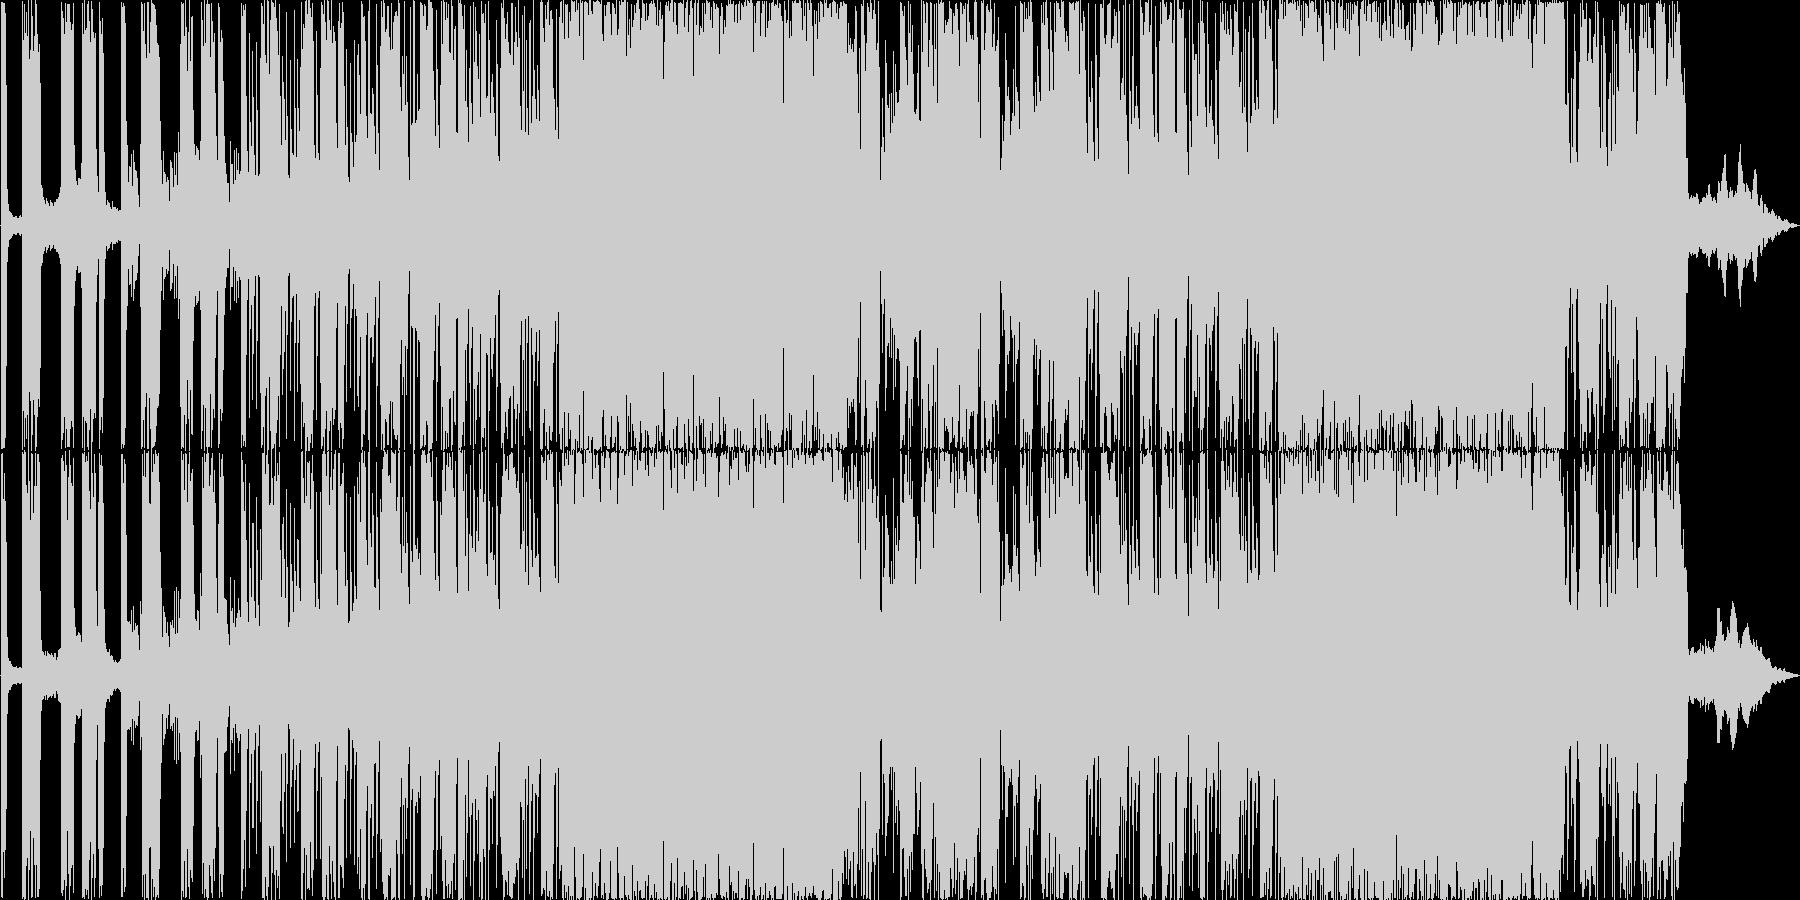 ダークで重めなダンスロックBGMの未再生の波形